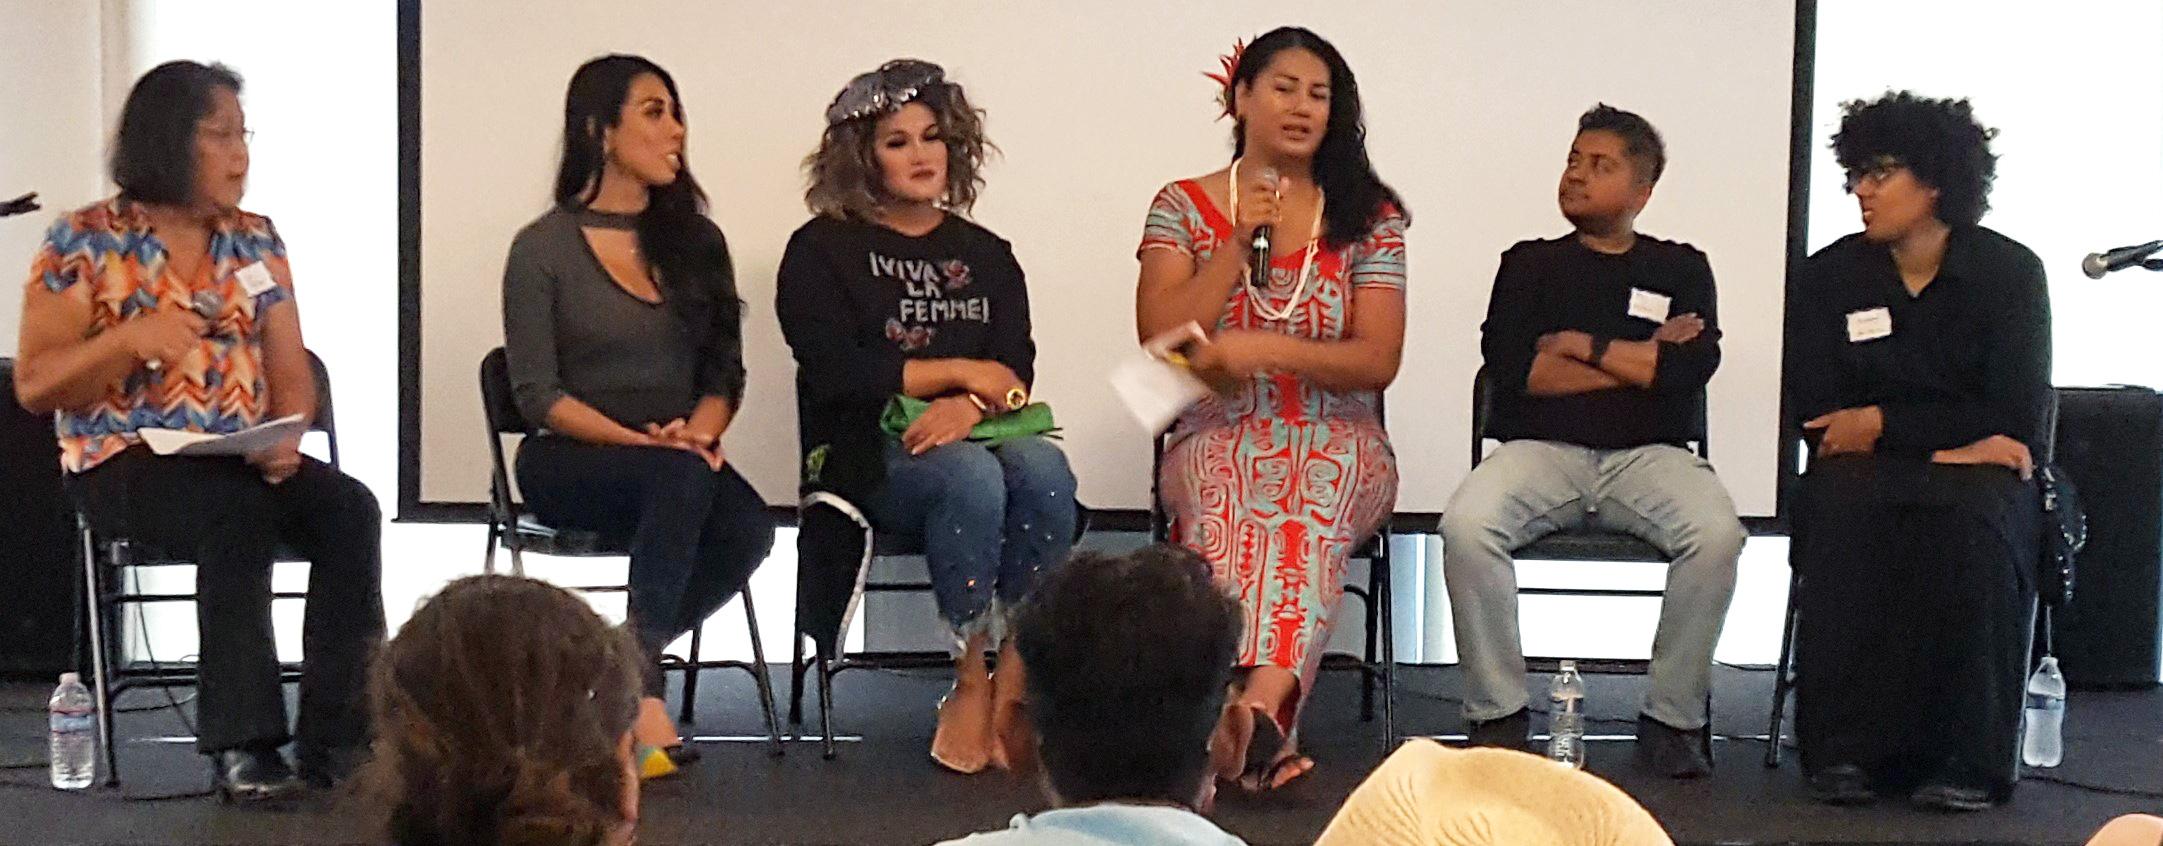 TRACTION Emerge Panelists